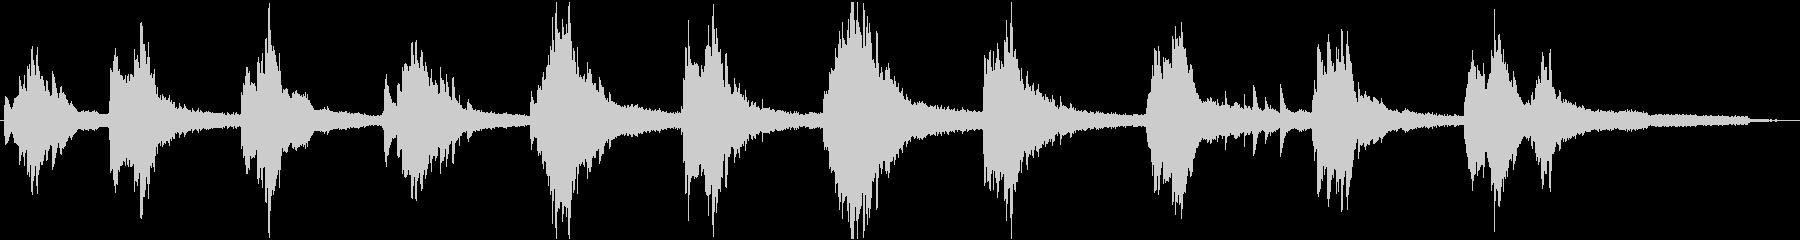 ピアノキラリの未再生の波形